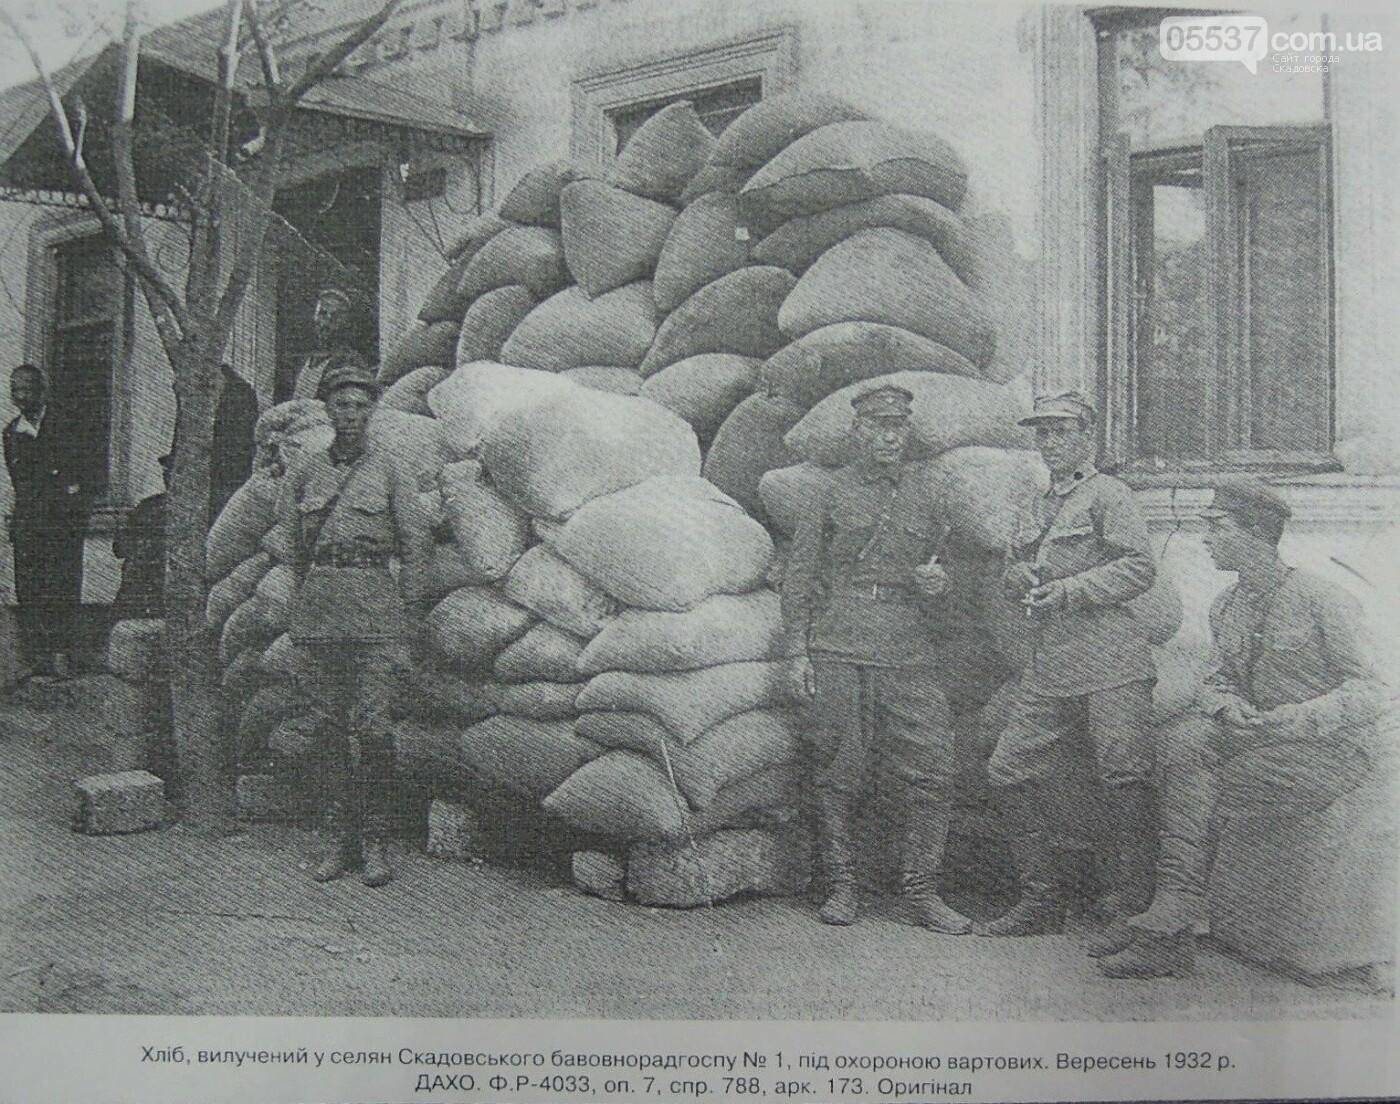 Как выживали скадовчане во время голодоморов, фото-1